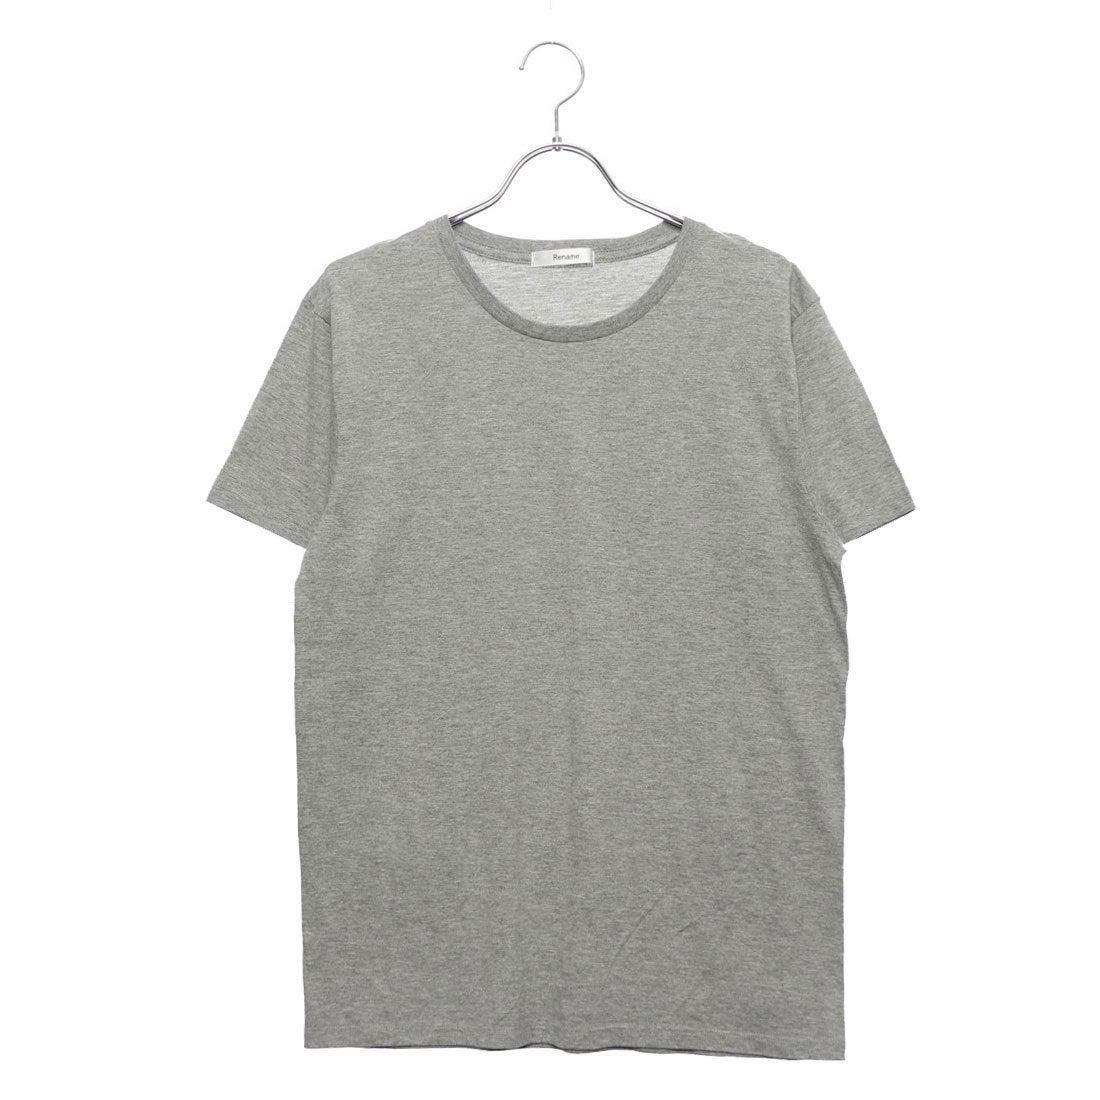 ロコンド 靴とファッションの通販サイトリネーム Rename クルーネックTシャツ (グレー)